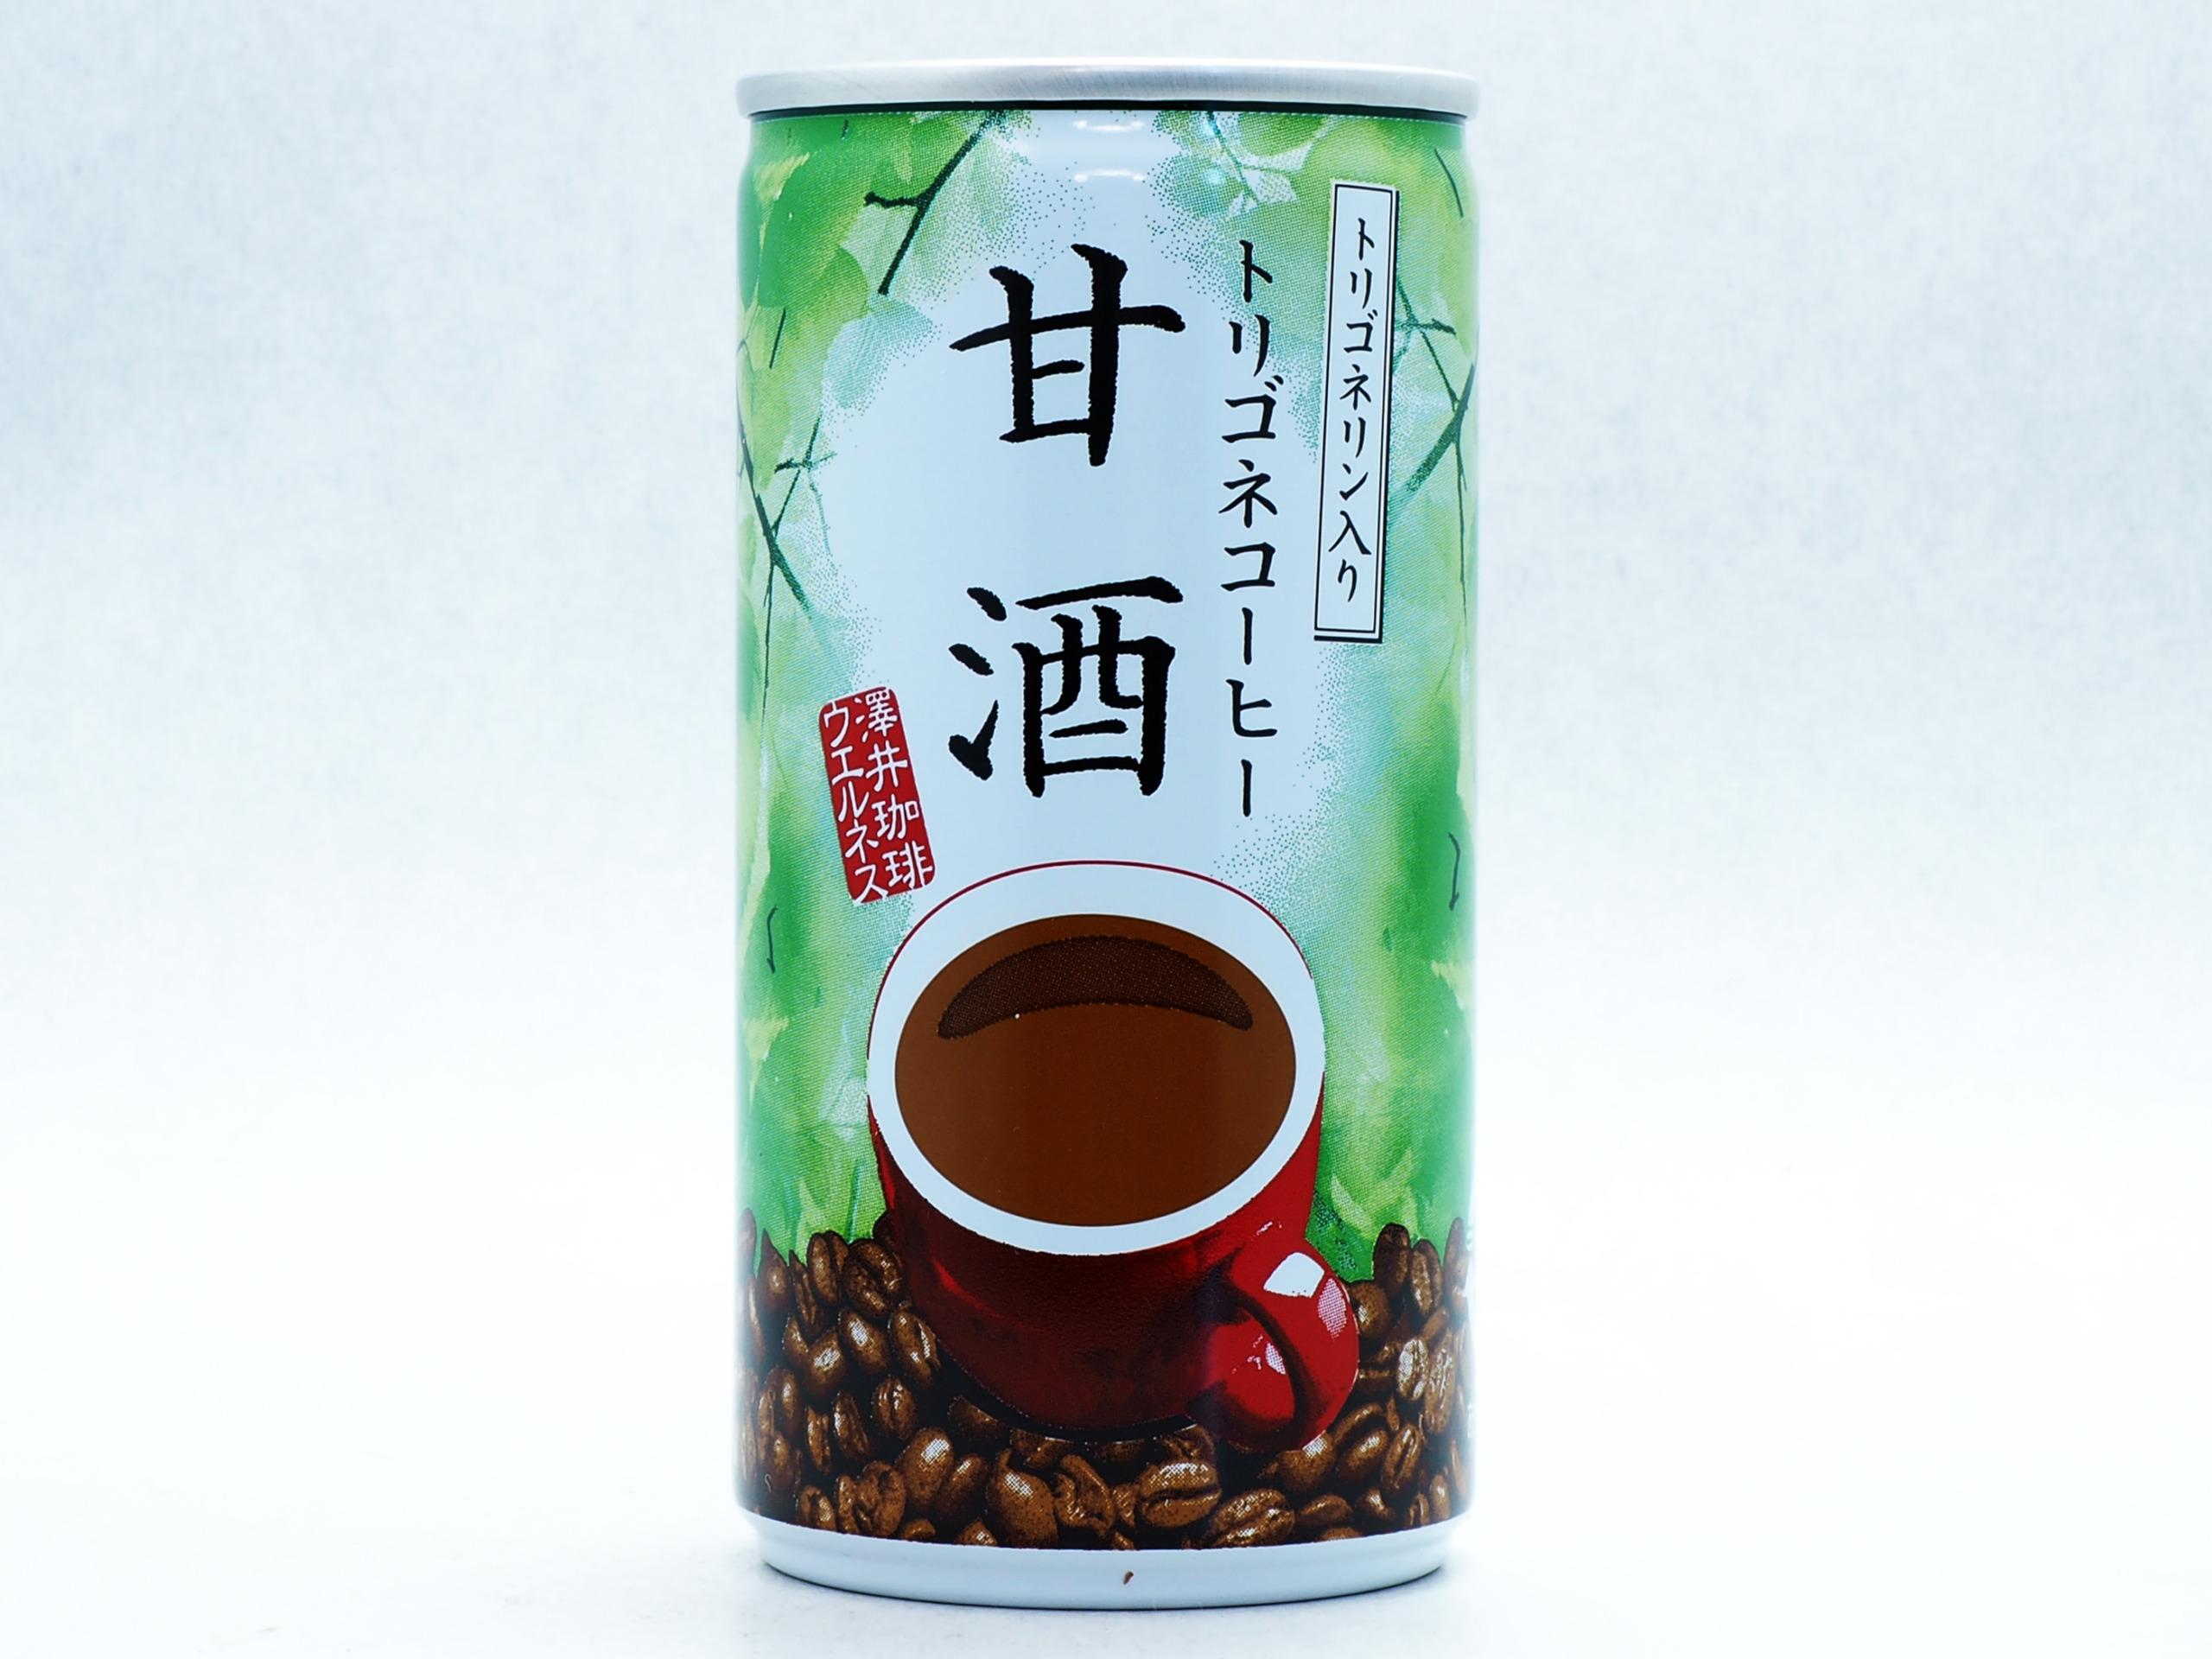 澤井珈琲ウエルネス トリゴネコーヒー 甘酒